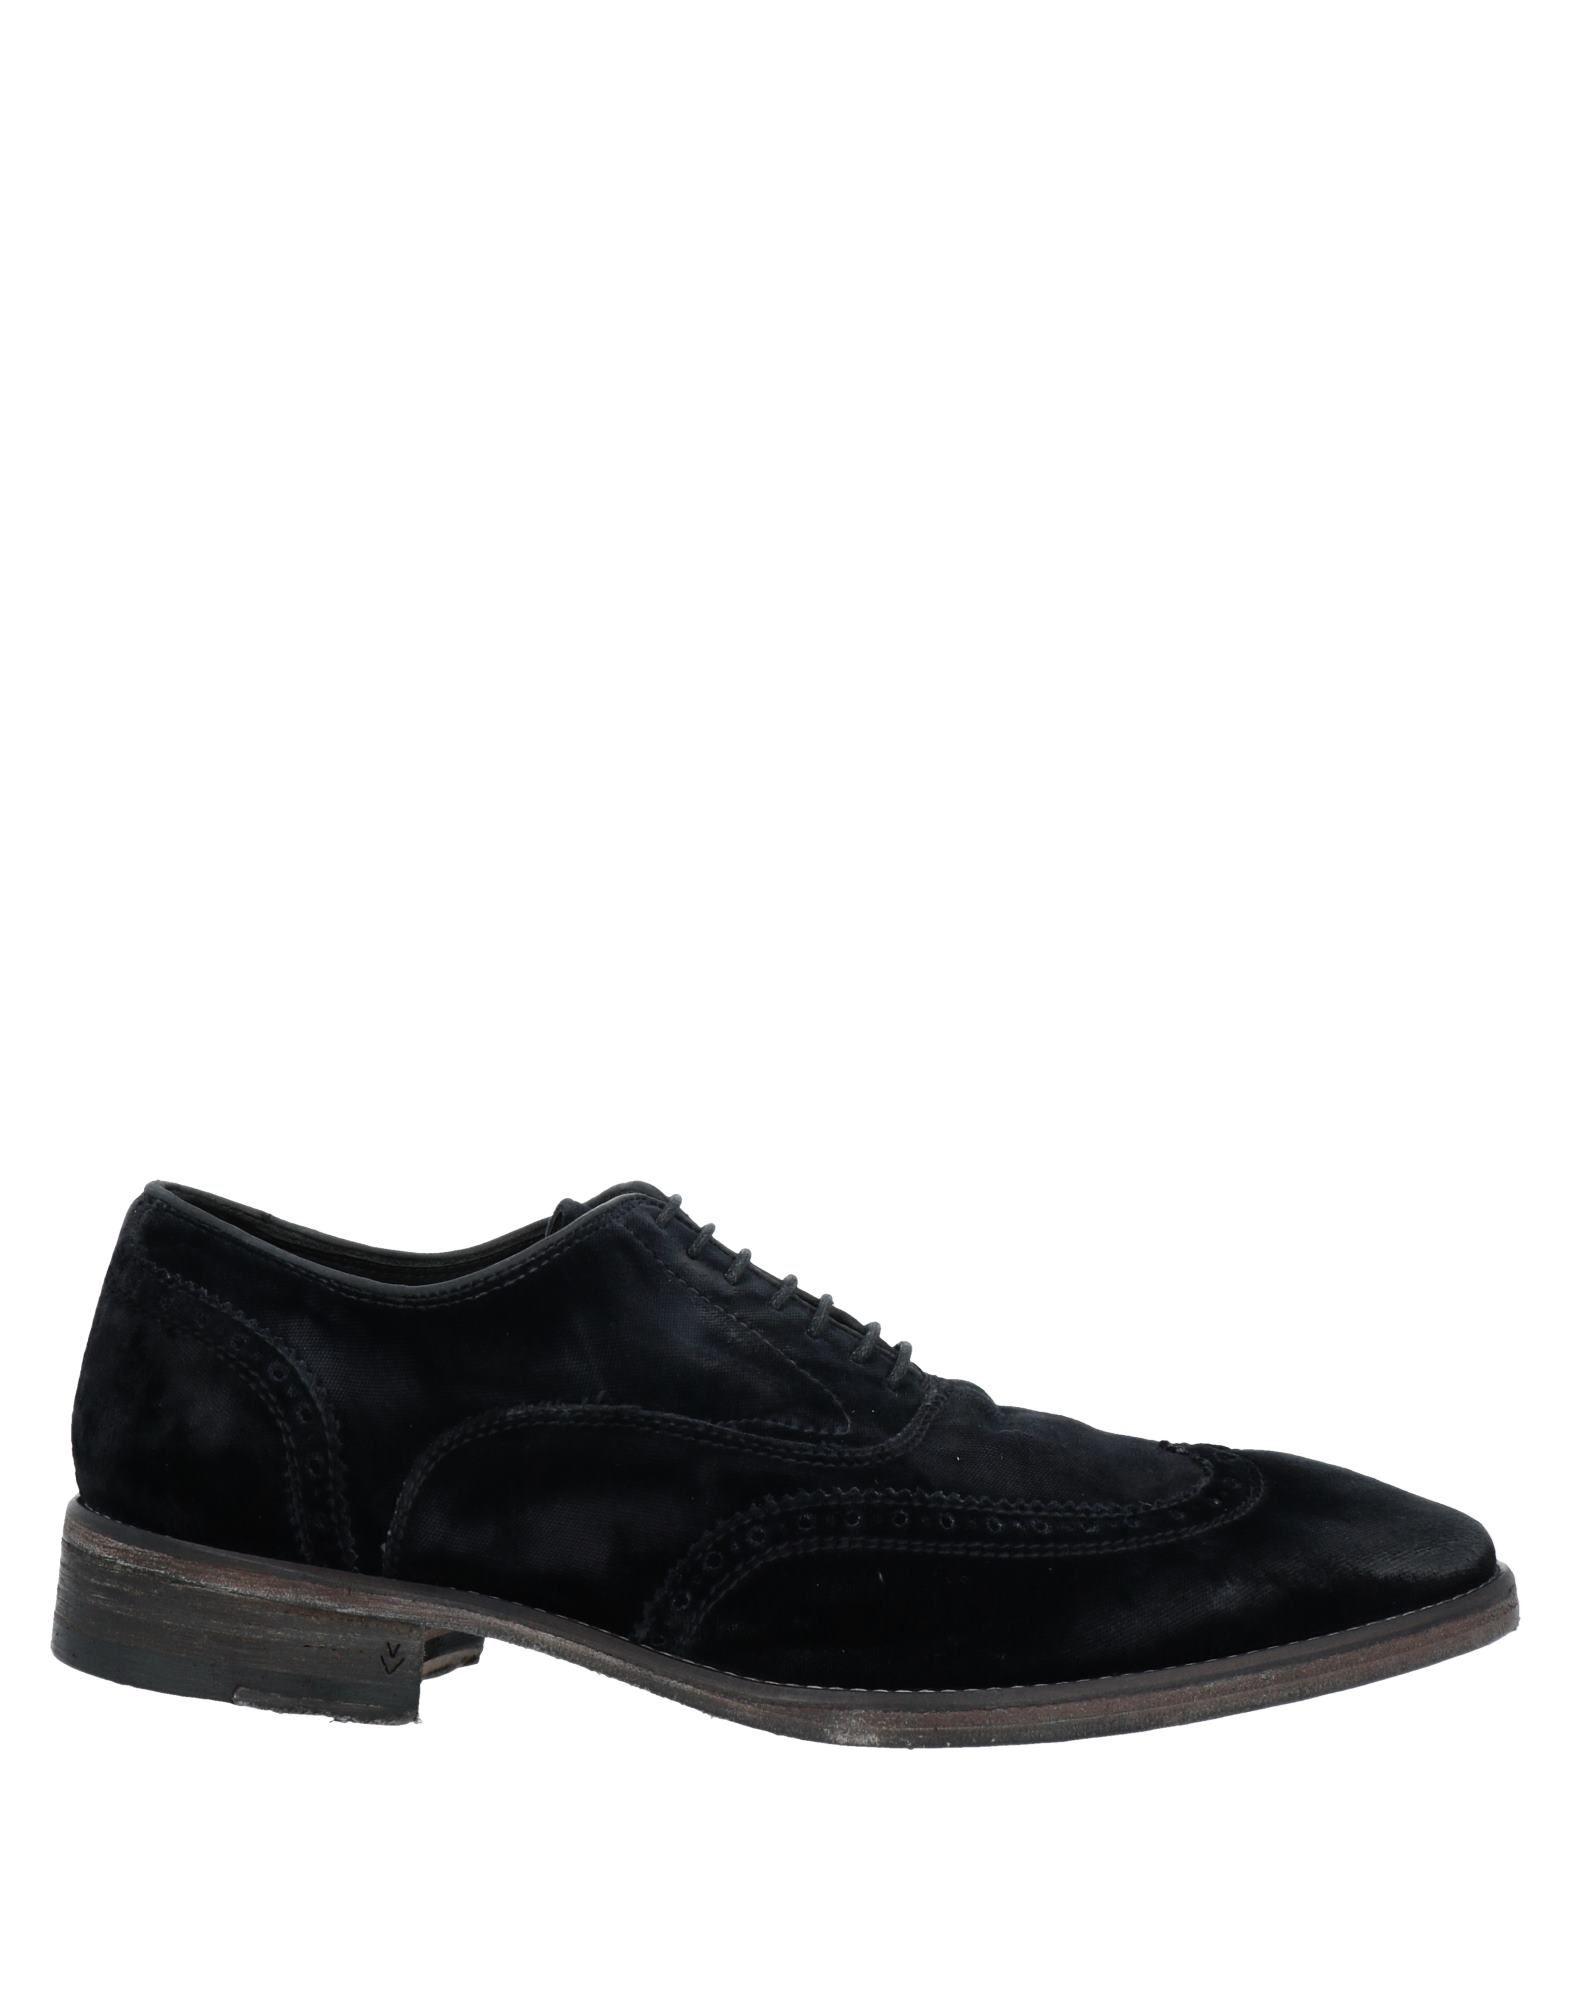 JOHN VARVATOS Обувь на шнурках john spencer обувь на шнурках